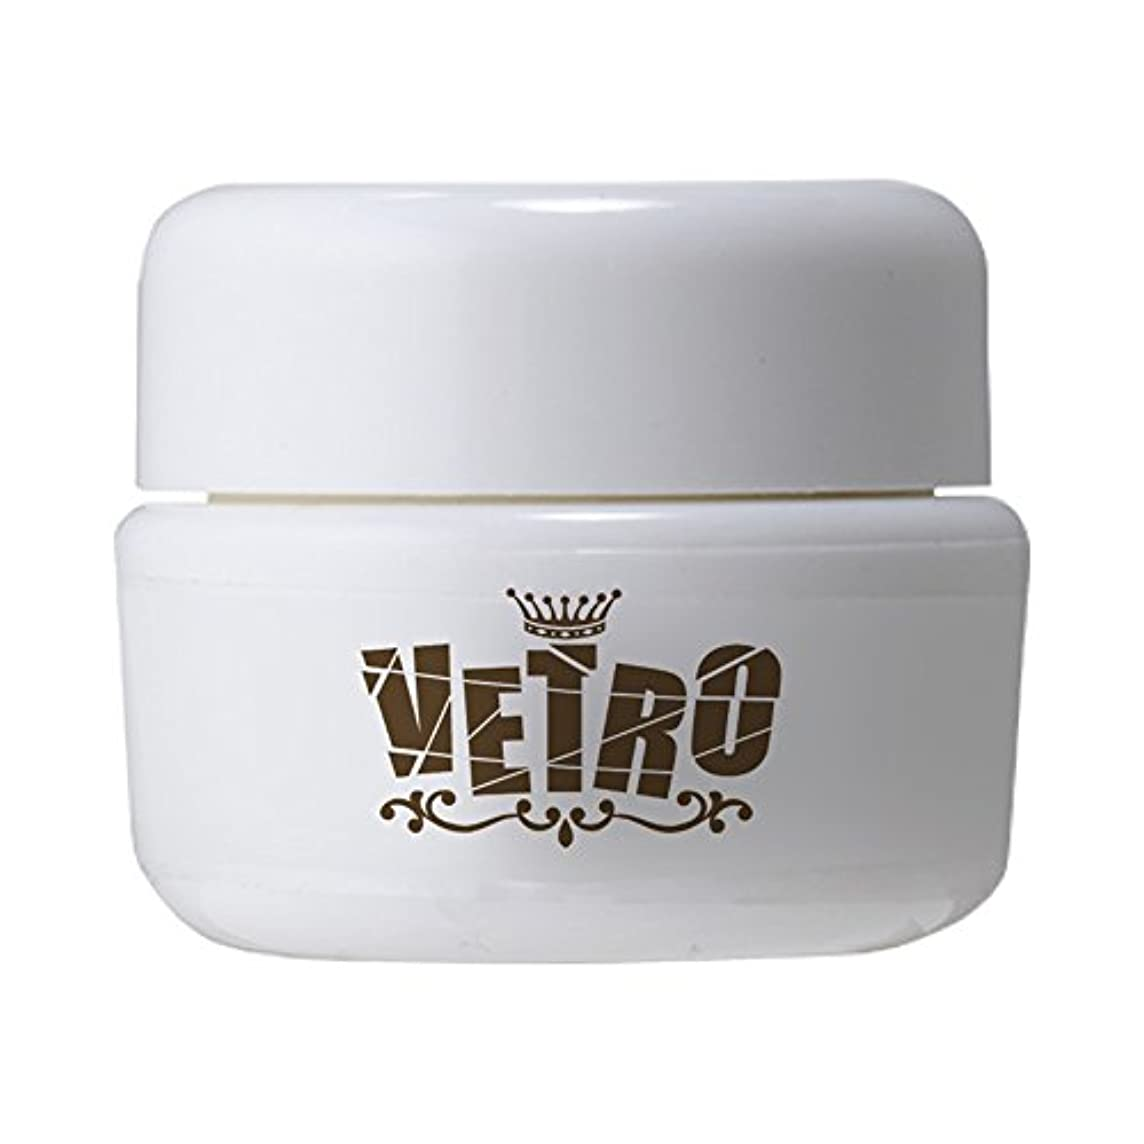 VETRO No.19 カラージェル マット VL405 ビーラブド 4ml